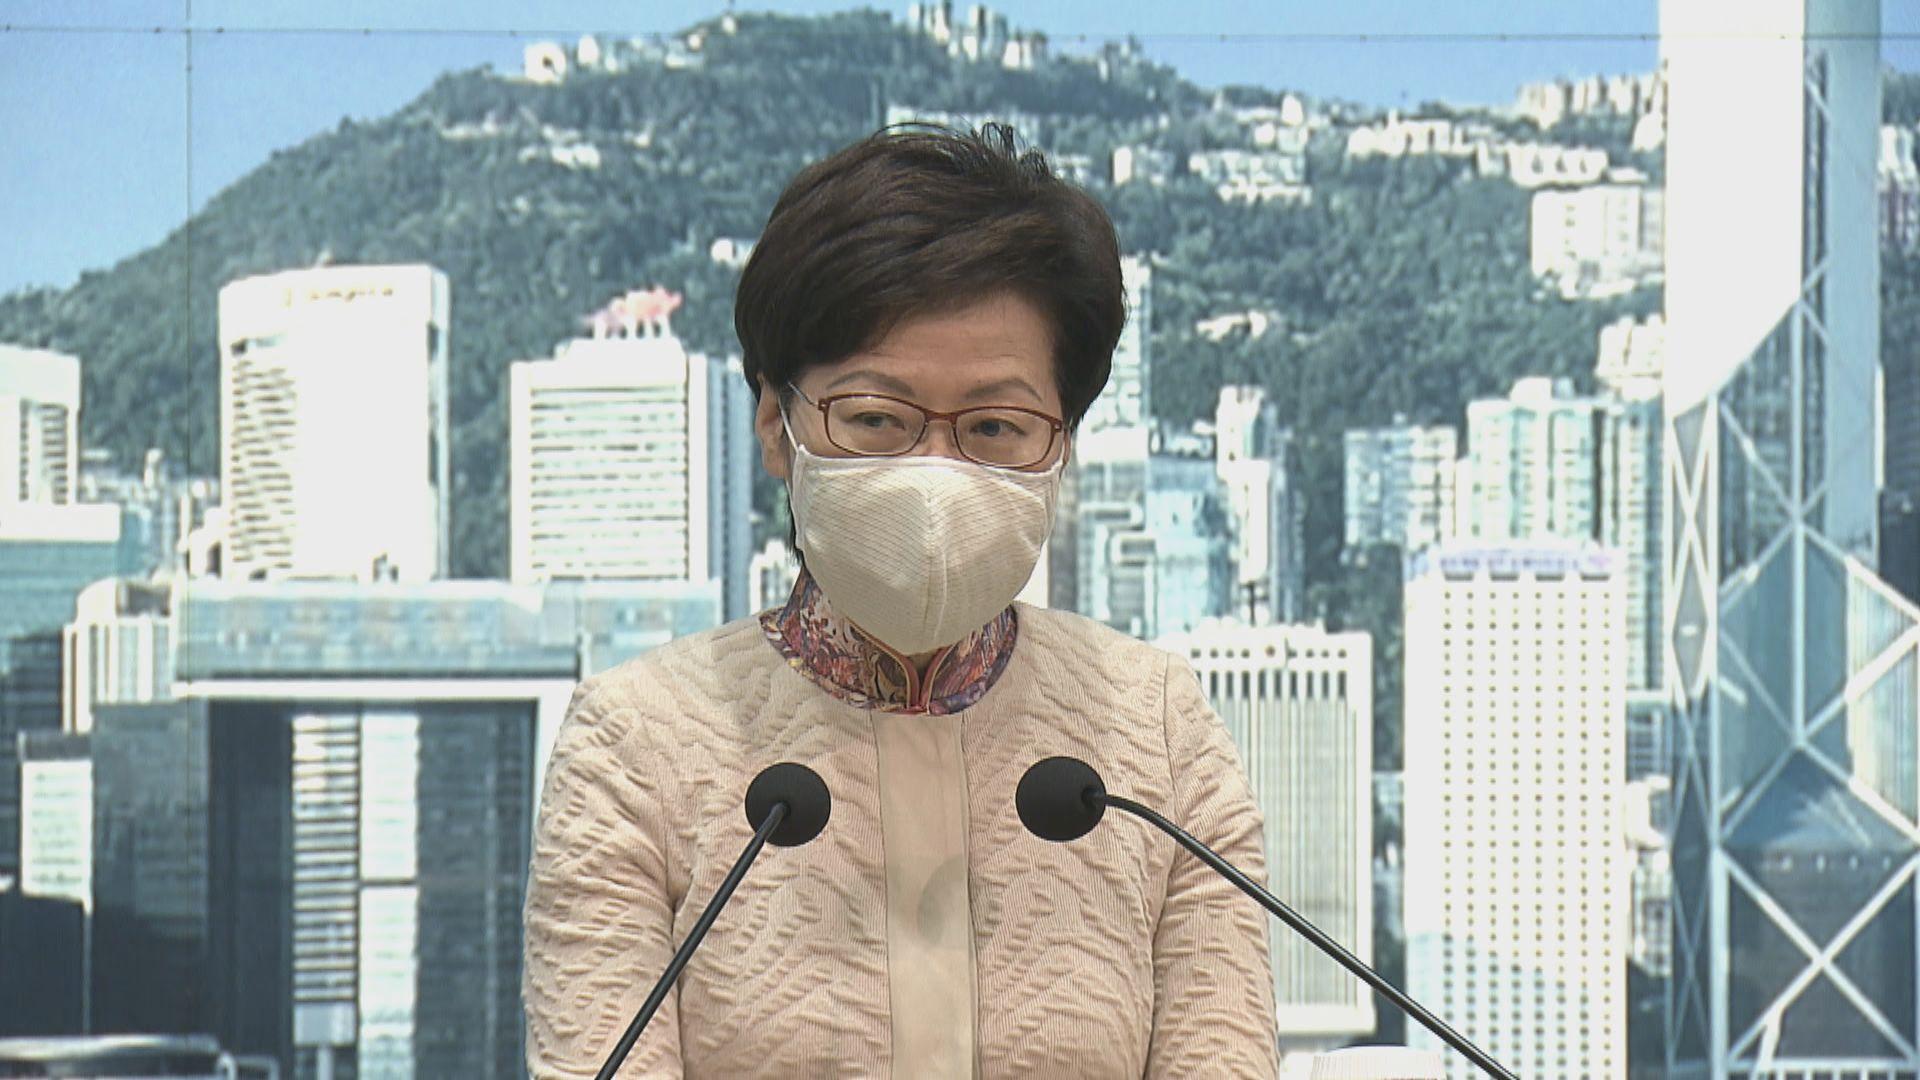 【最新】林鄭月娥:全球現主要靠接種疫苗抗疫 看不到為何香港可以是例外